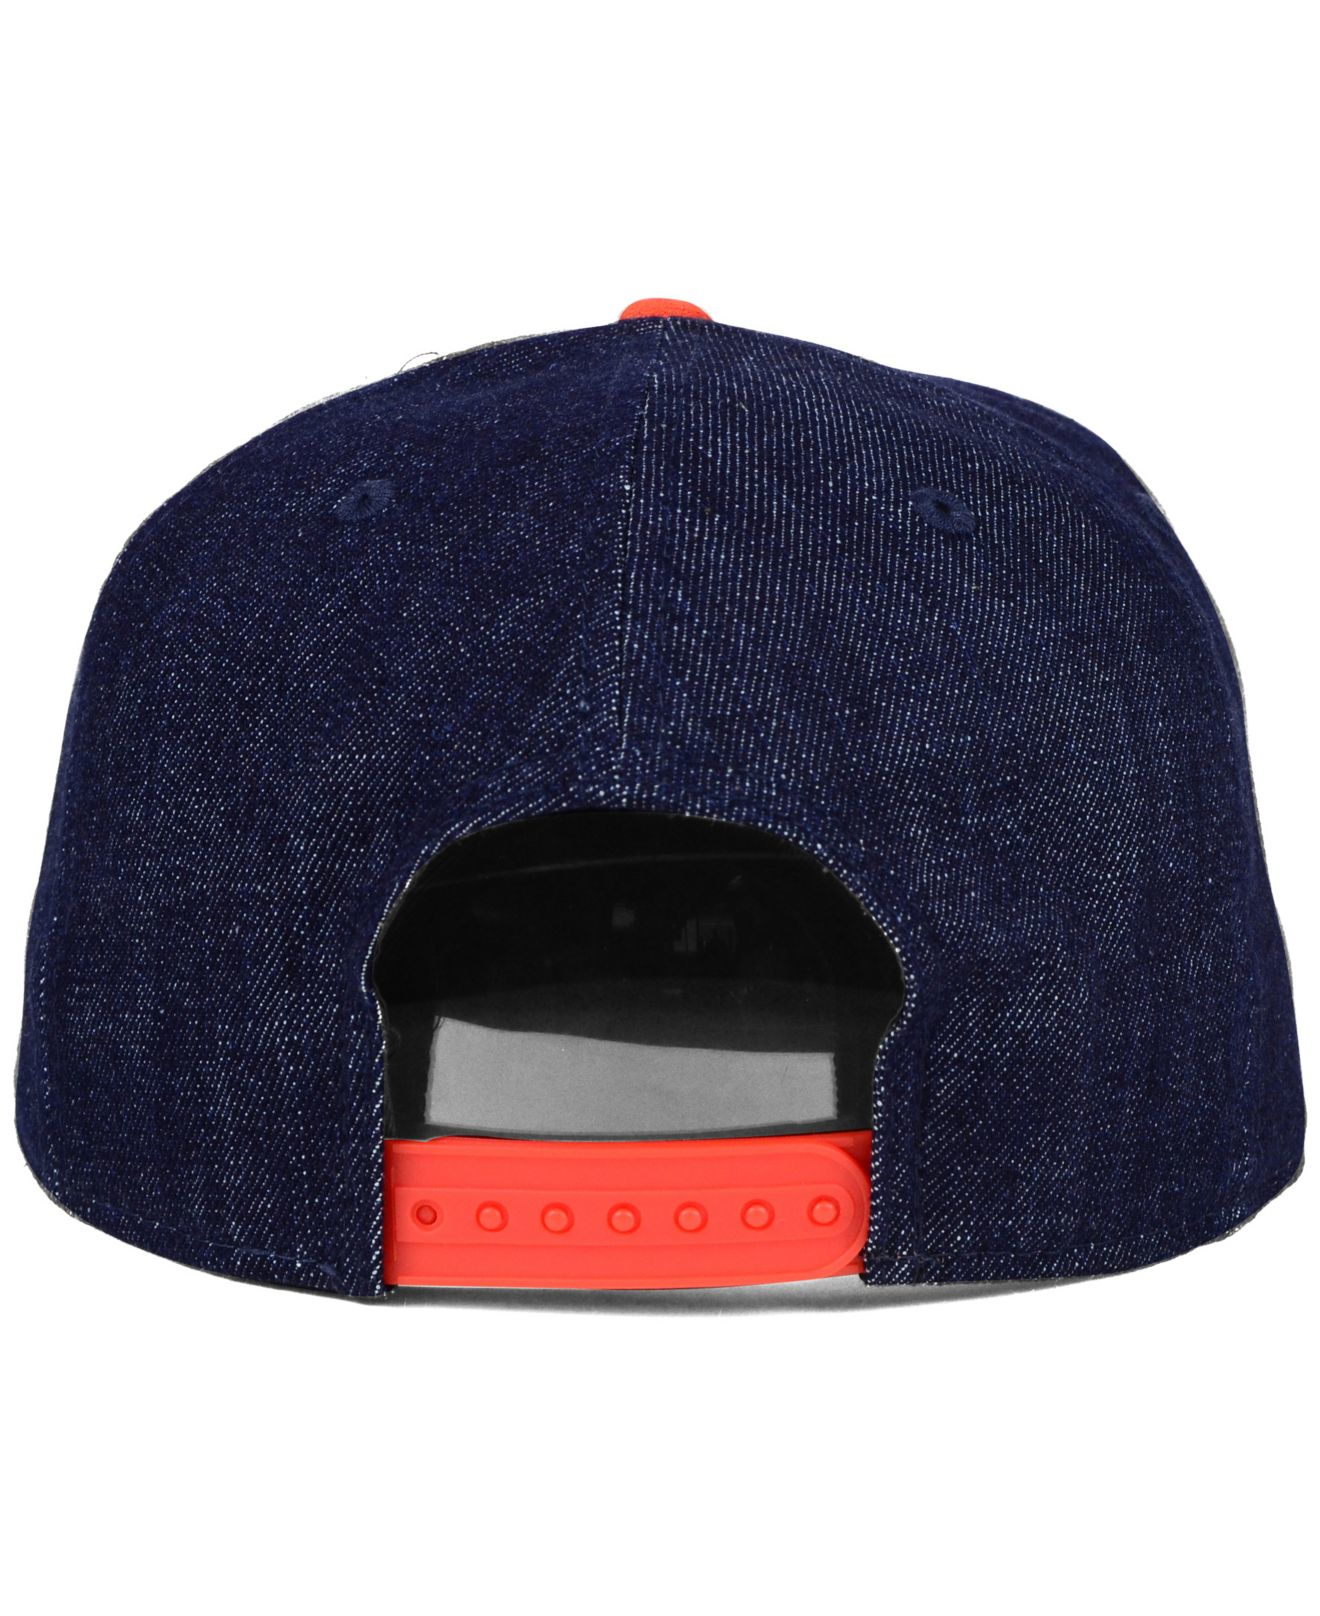 8f0780b1526 ... reduced lyst ktz san francisco giants denim suede 9fifty snapback cap  in 3f0da 988f8